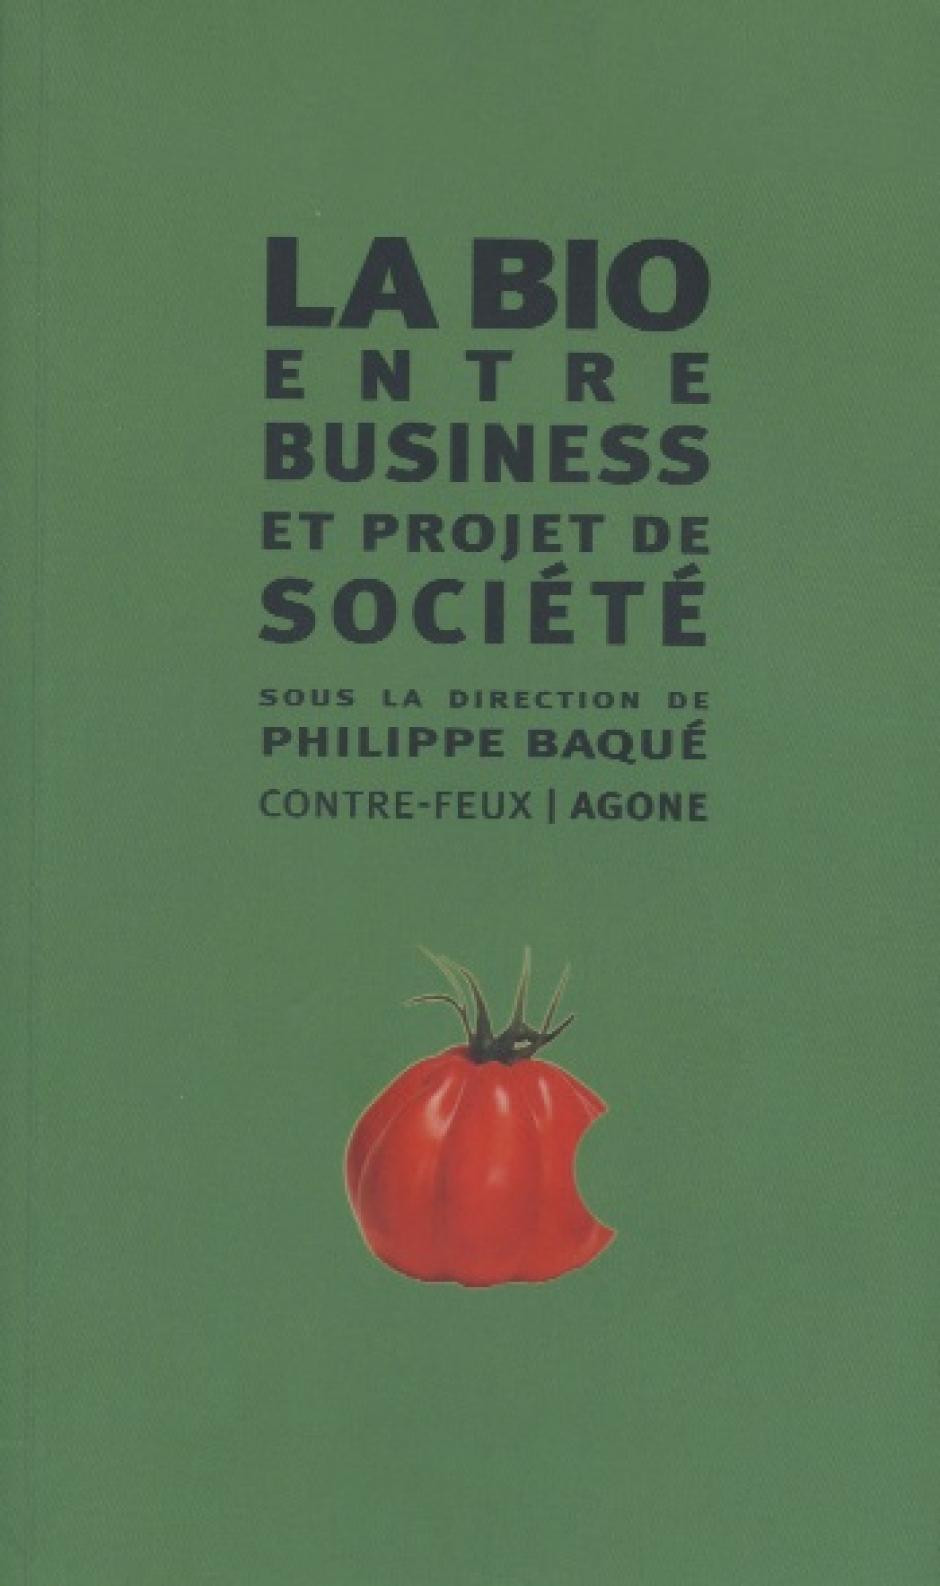 La Bio entre business et projet de société, Philippe Baqué